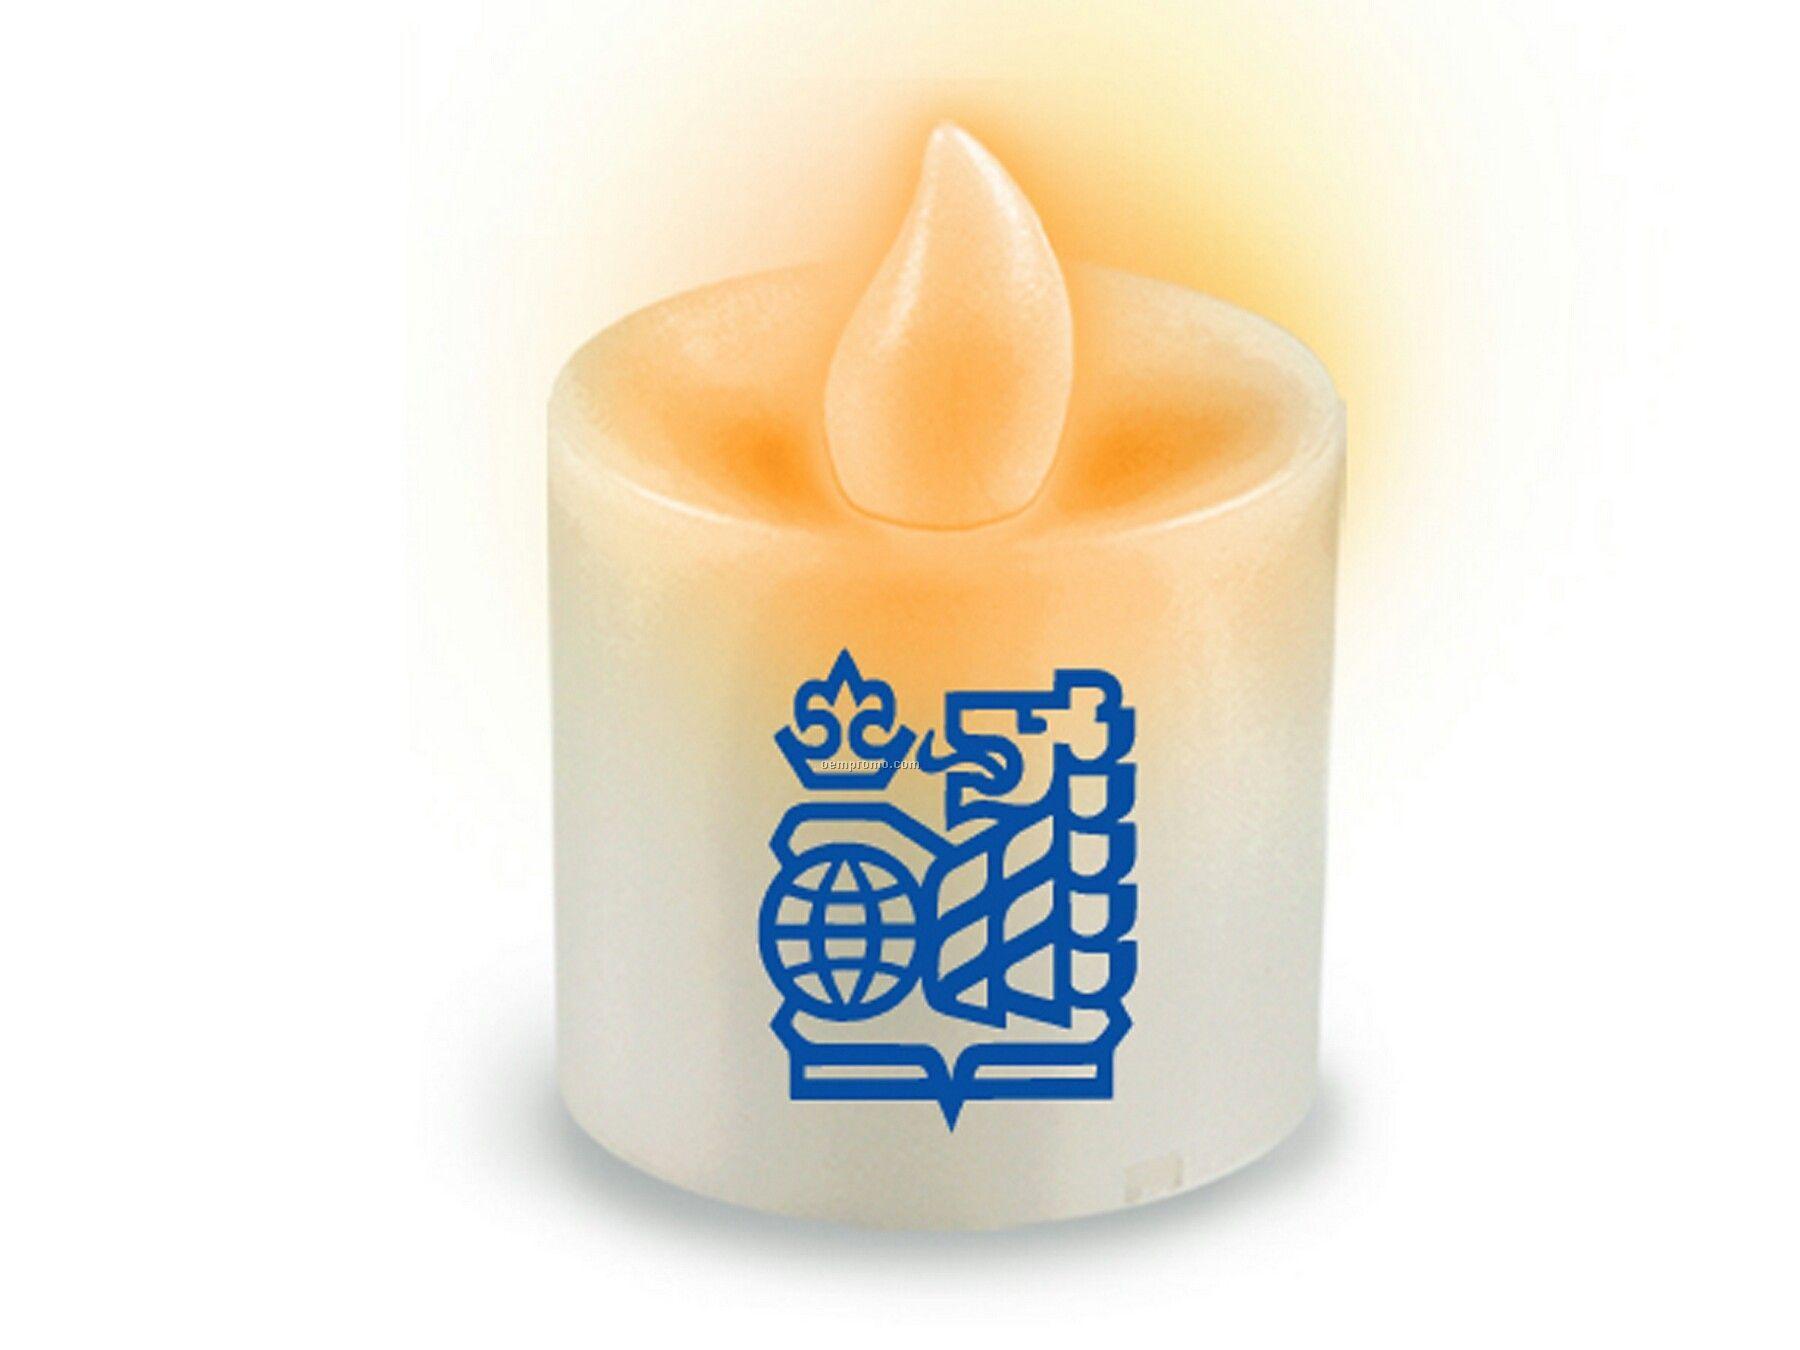 Votive LED Candle - Flickering Amber LED Flame